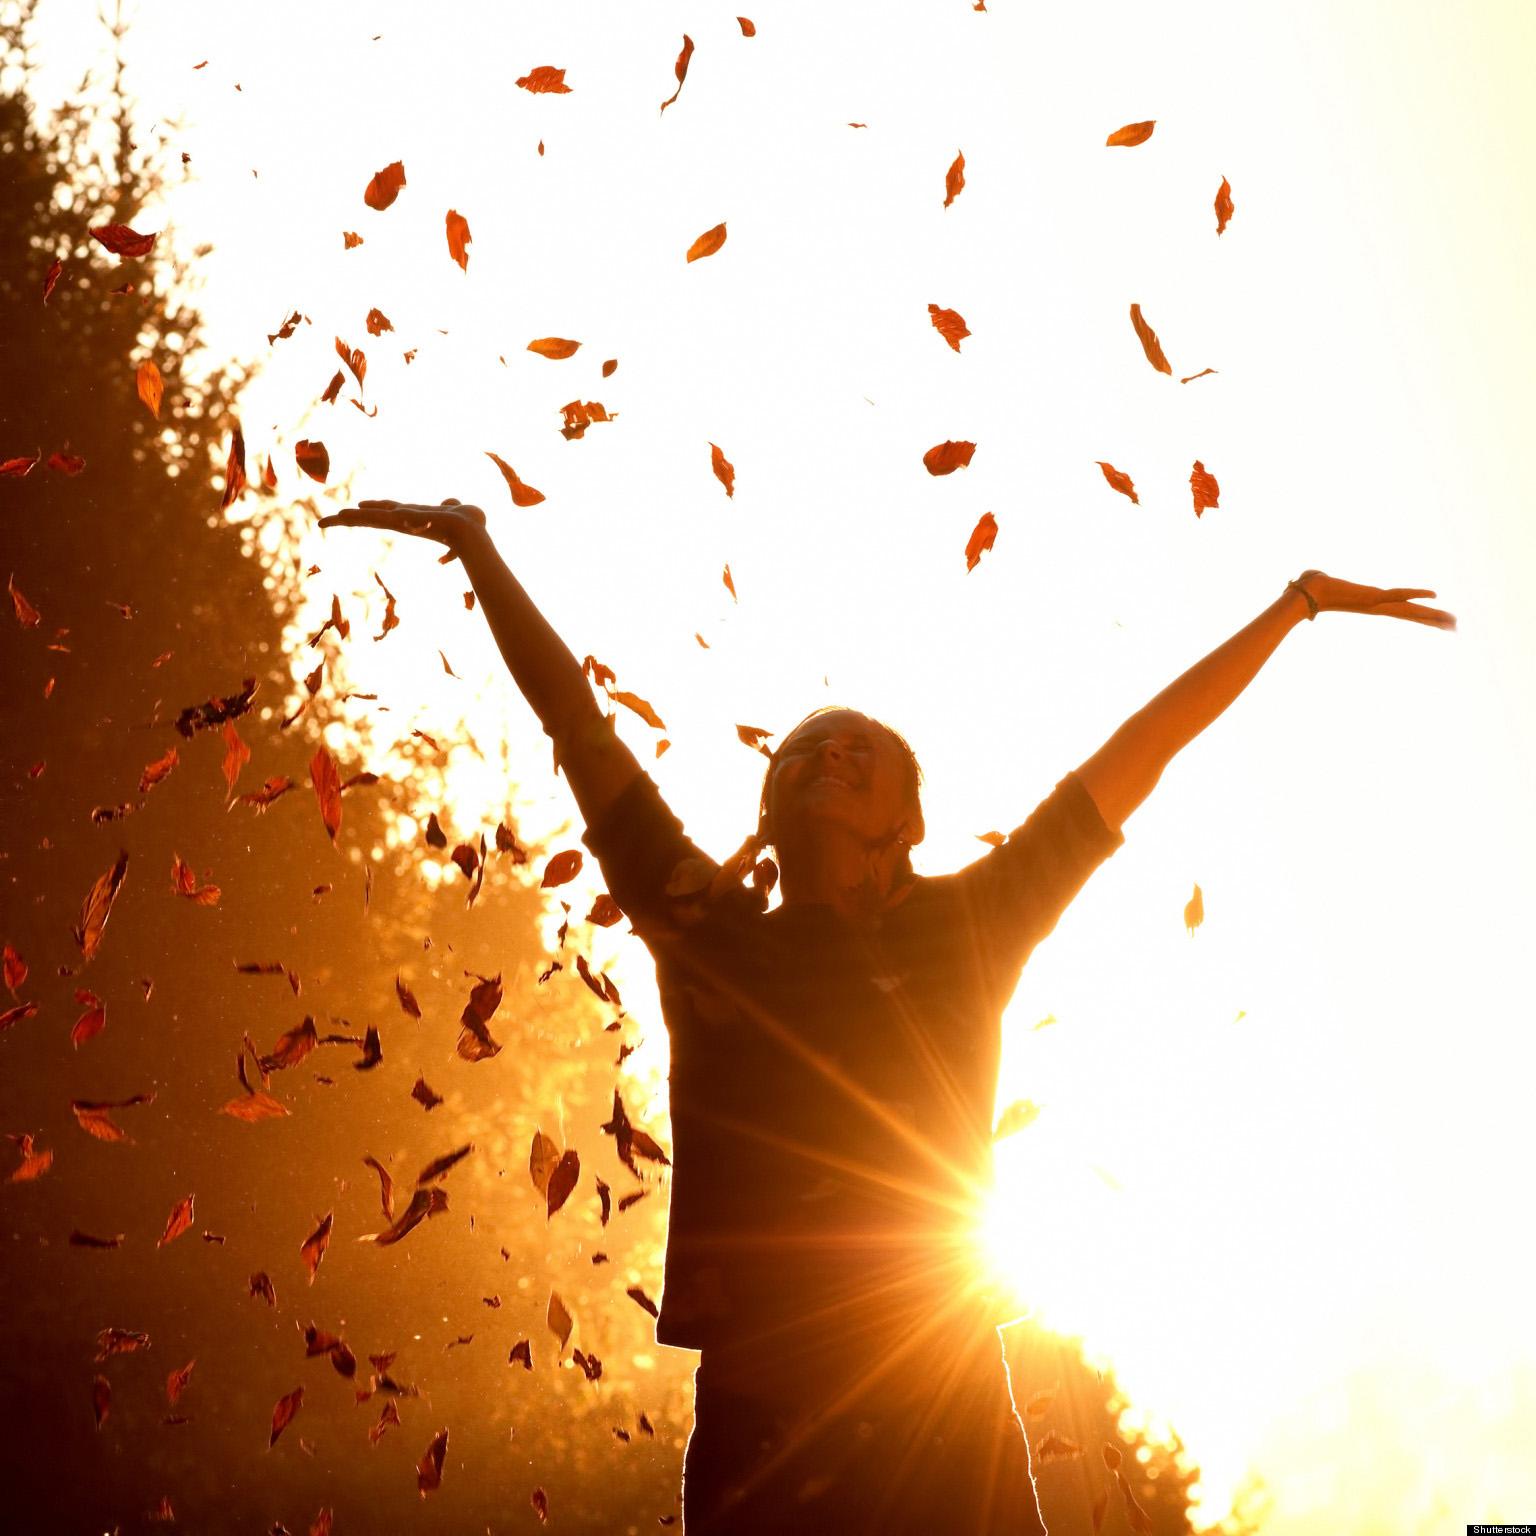 Taller Artesano de la felicidad